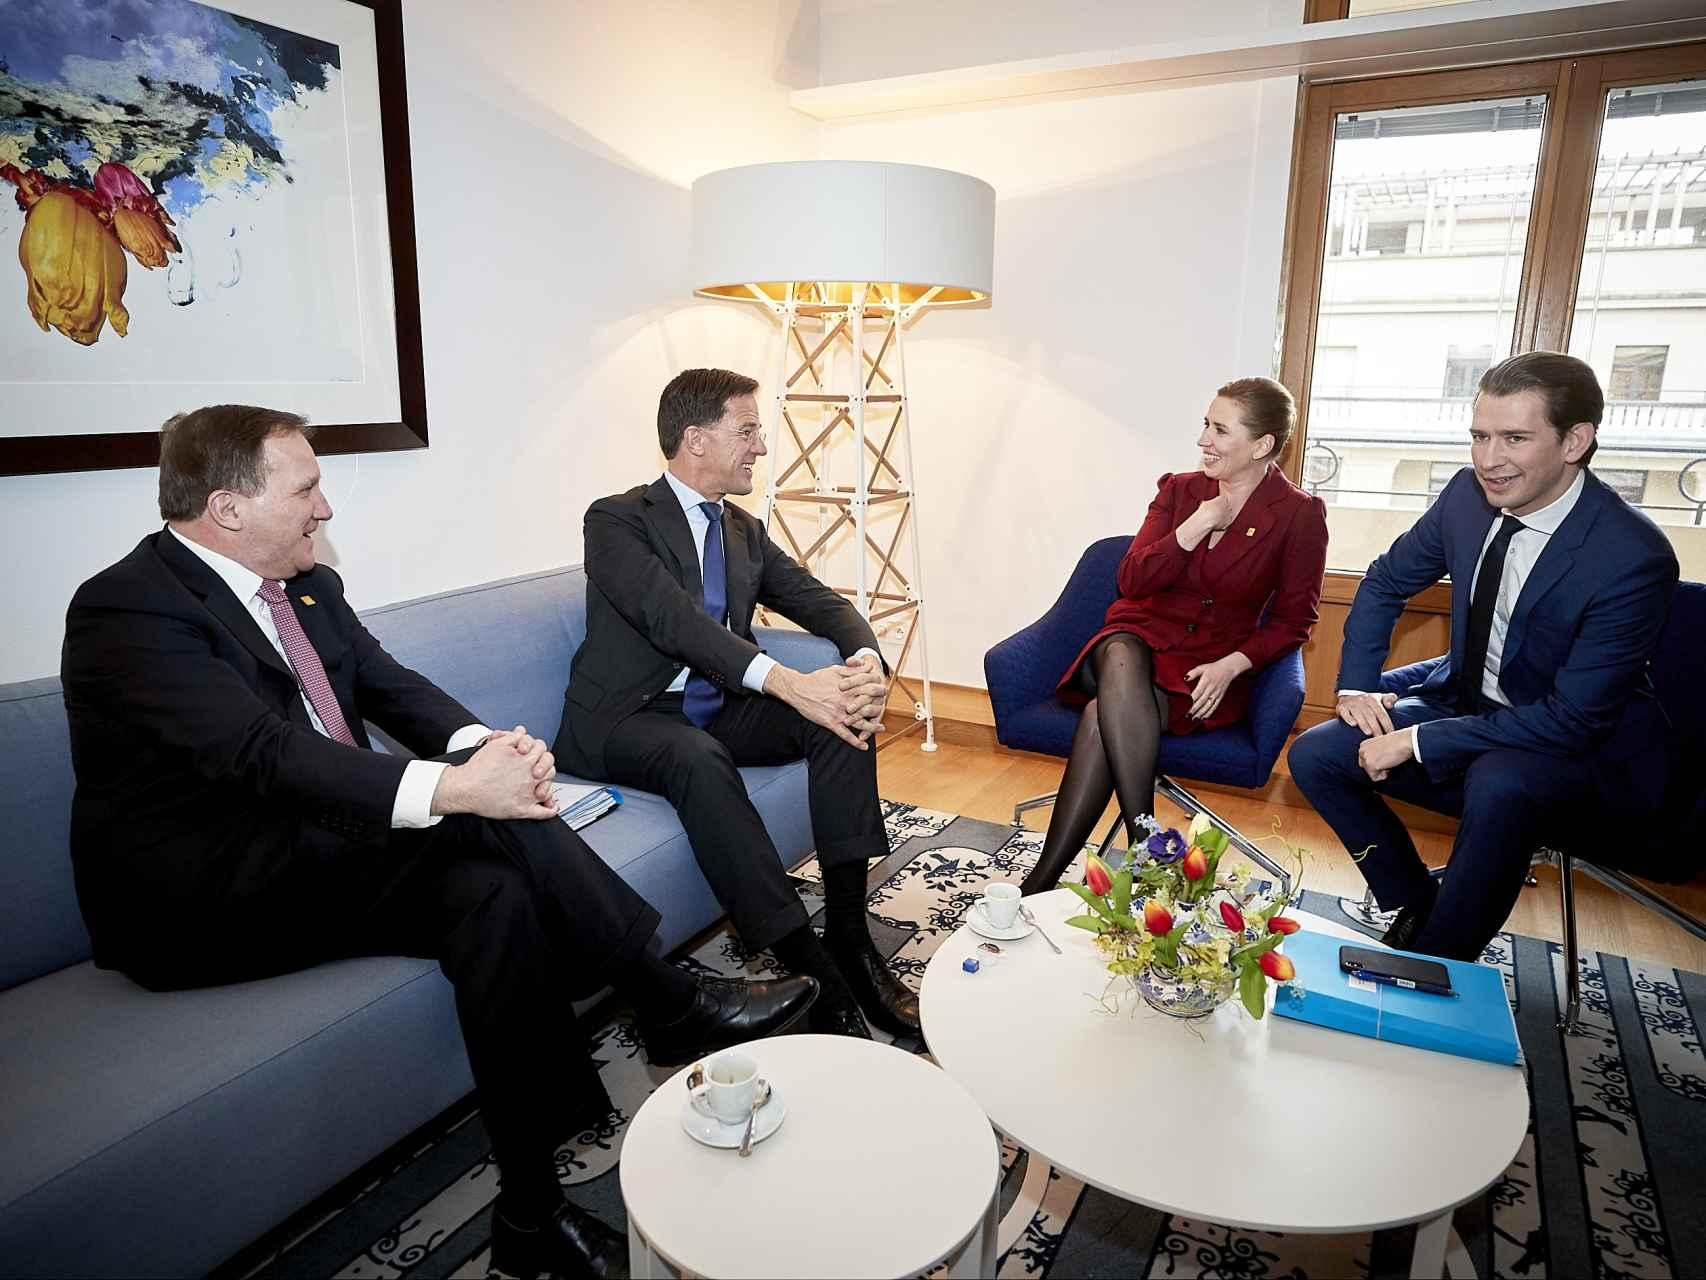 El club de los frugales en una reunión en Bruselas en febrero: Stefan Lofven, Mark Rutte, Mette Frederiksen y Sebastian Kurz.